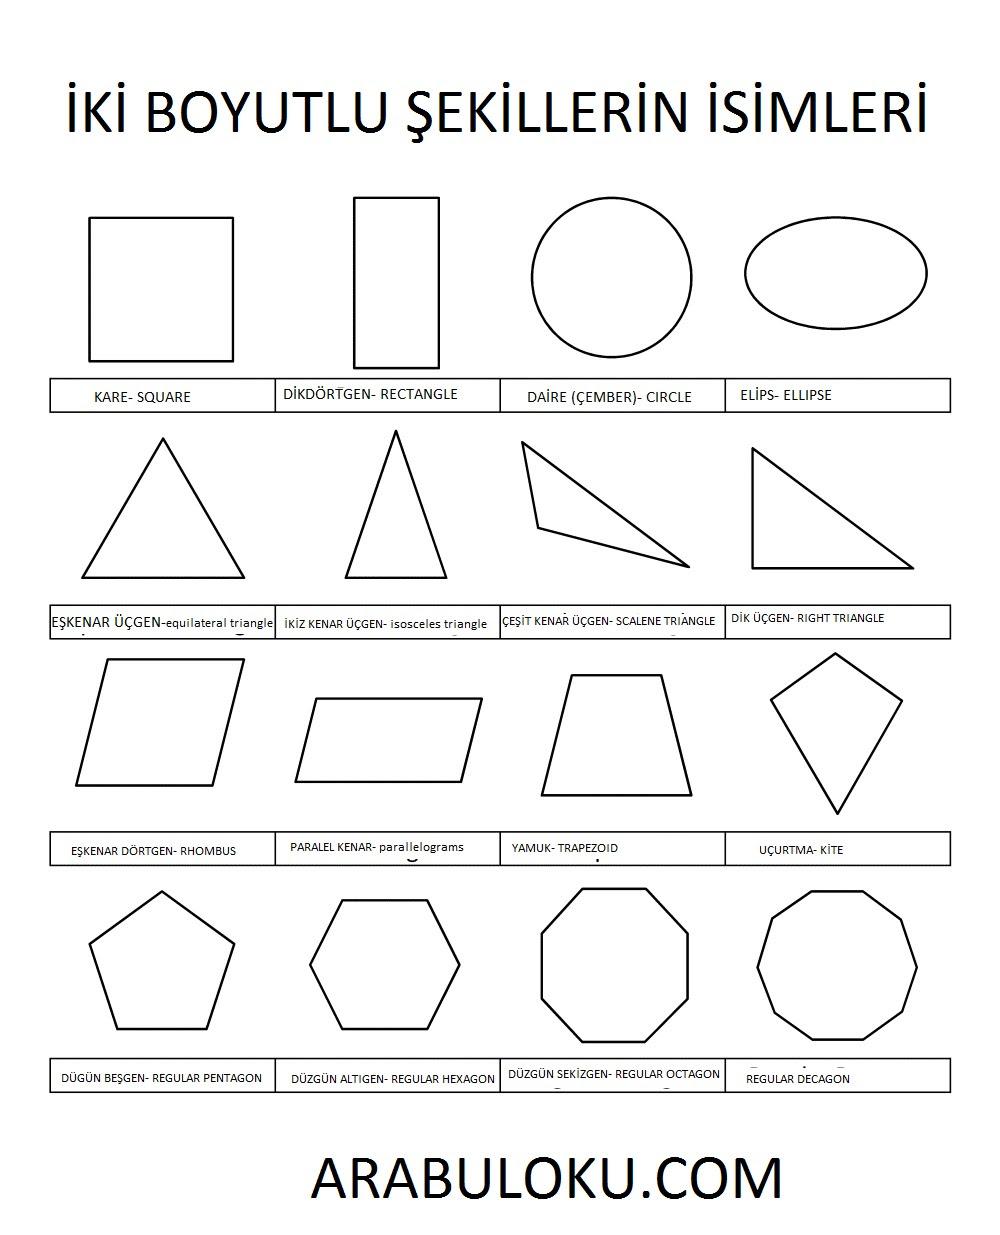 Iki Boyutlu Geometrik şekillerin Isimleri Arabulokucom